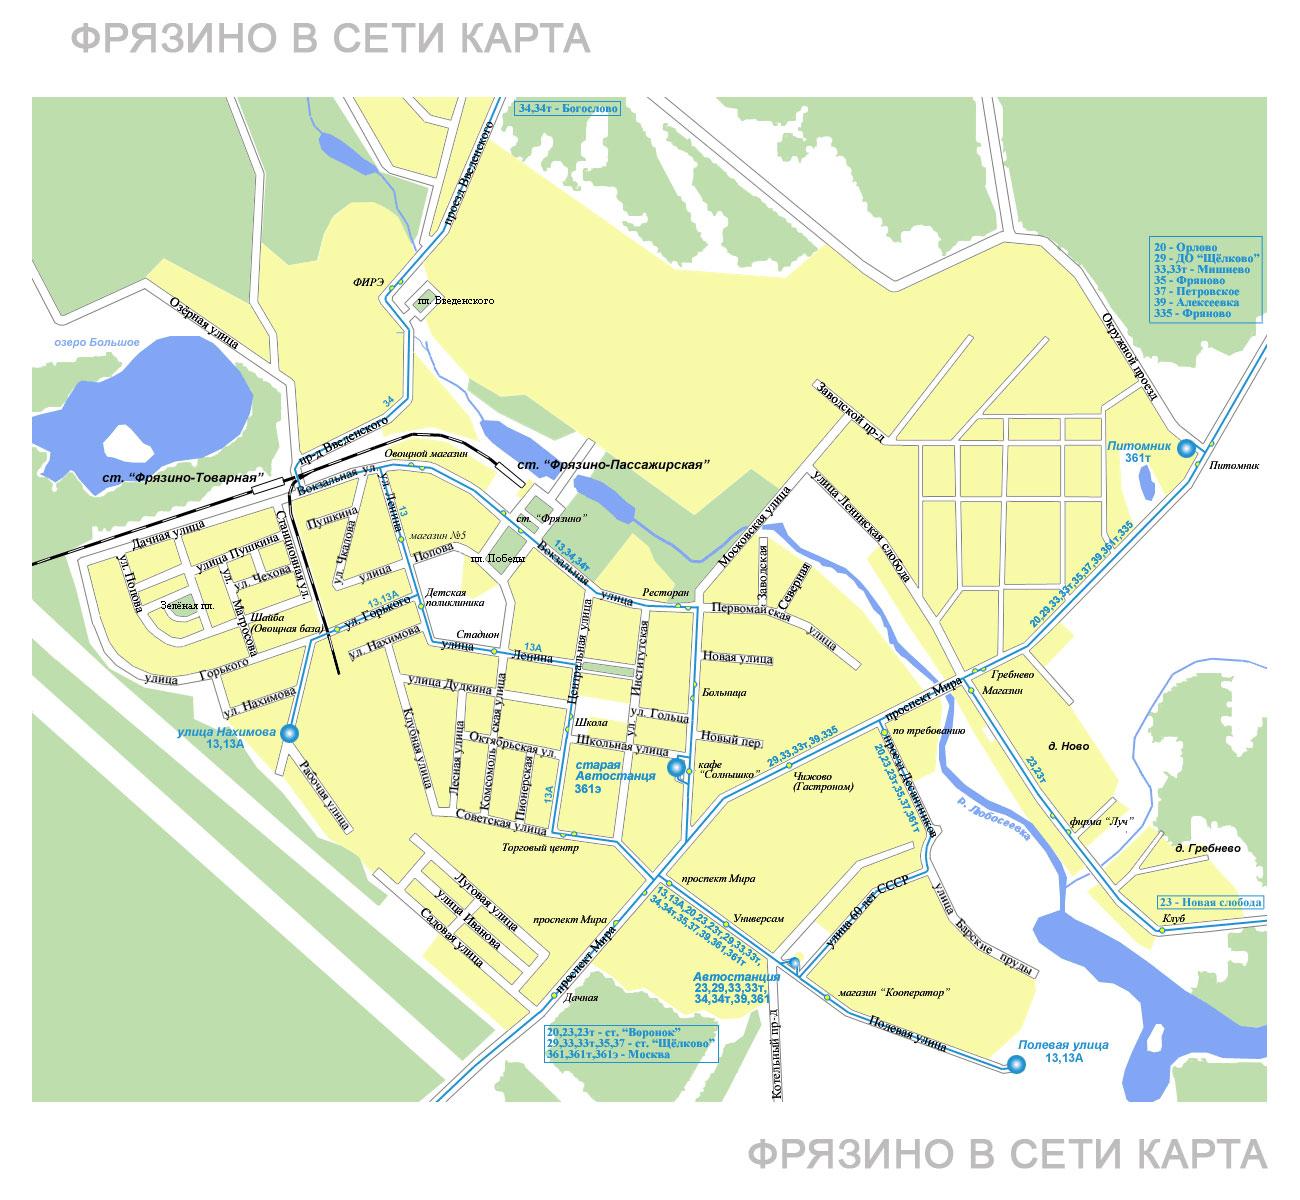 проститутки и шлюхи московской области